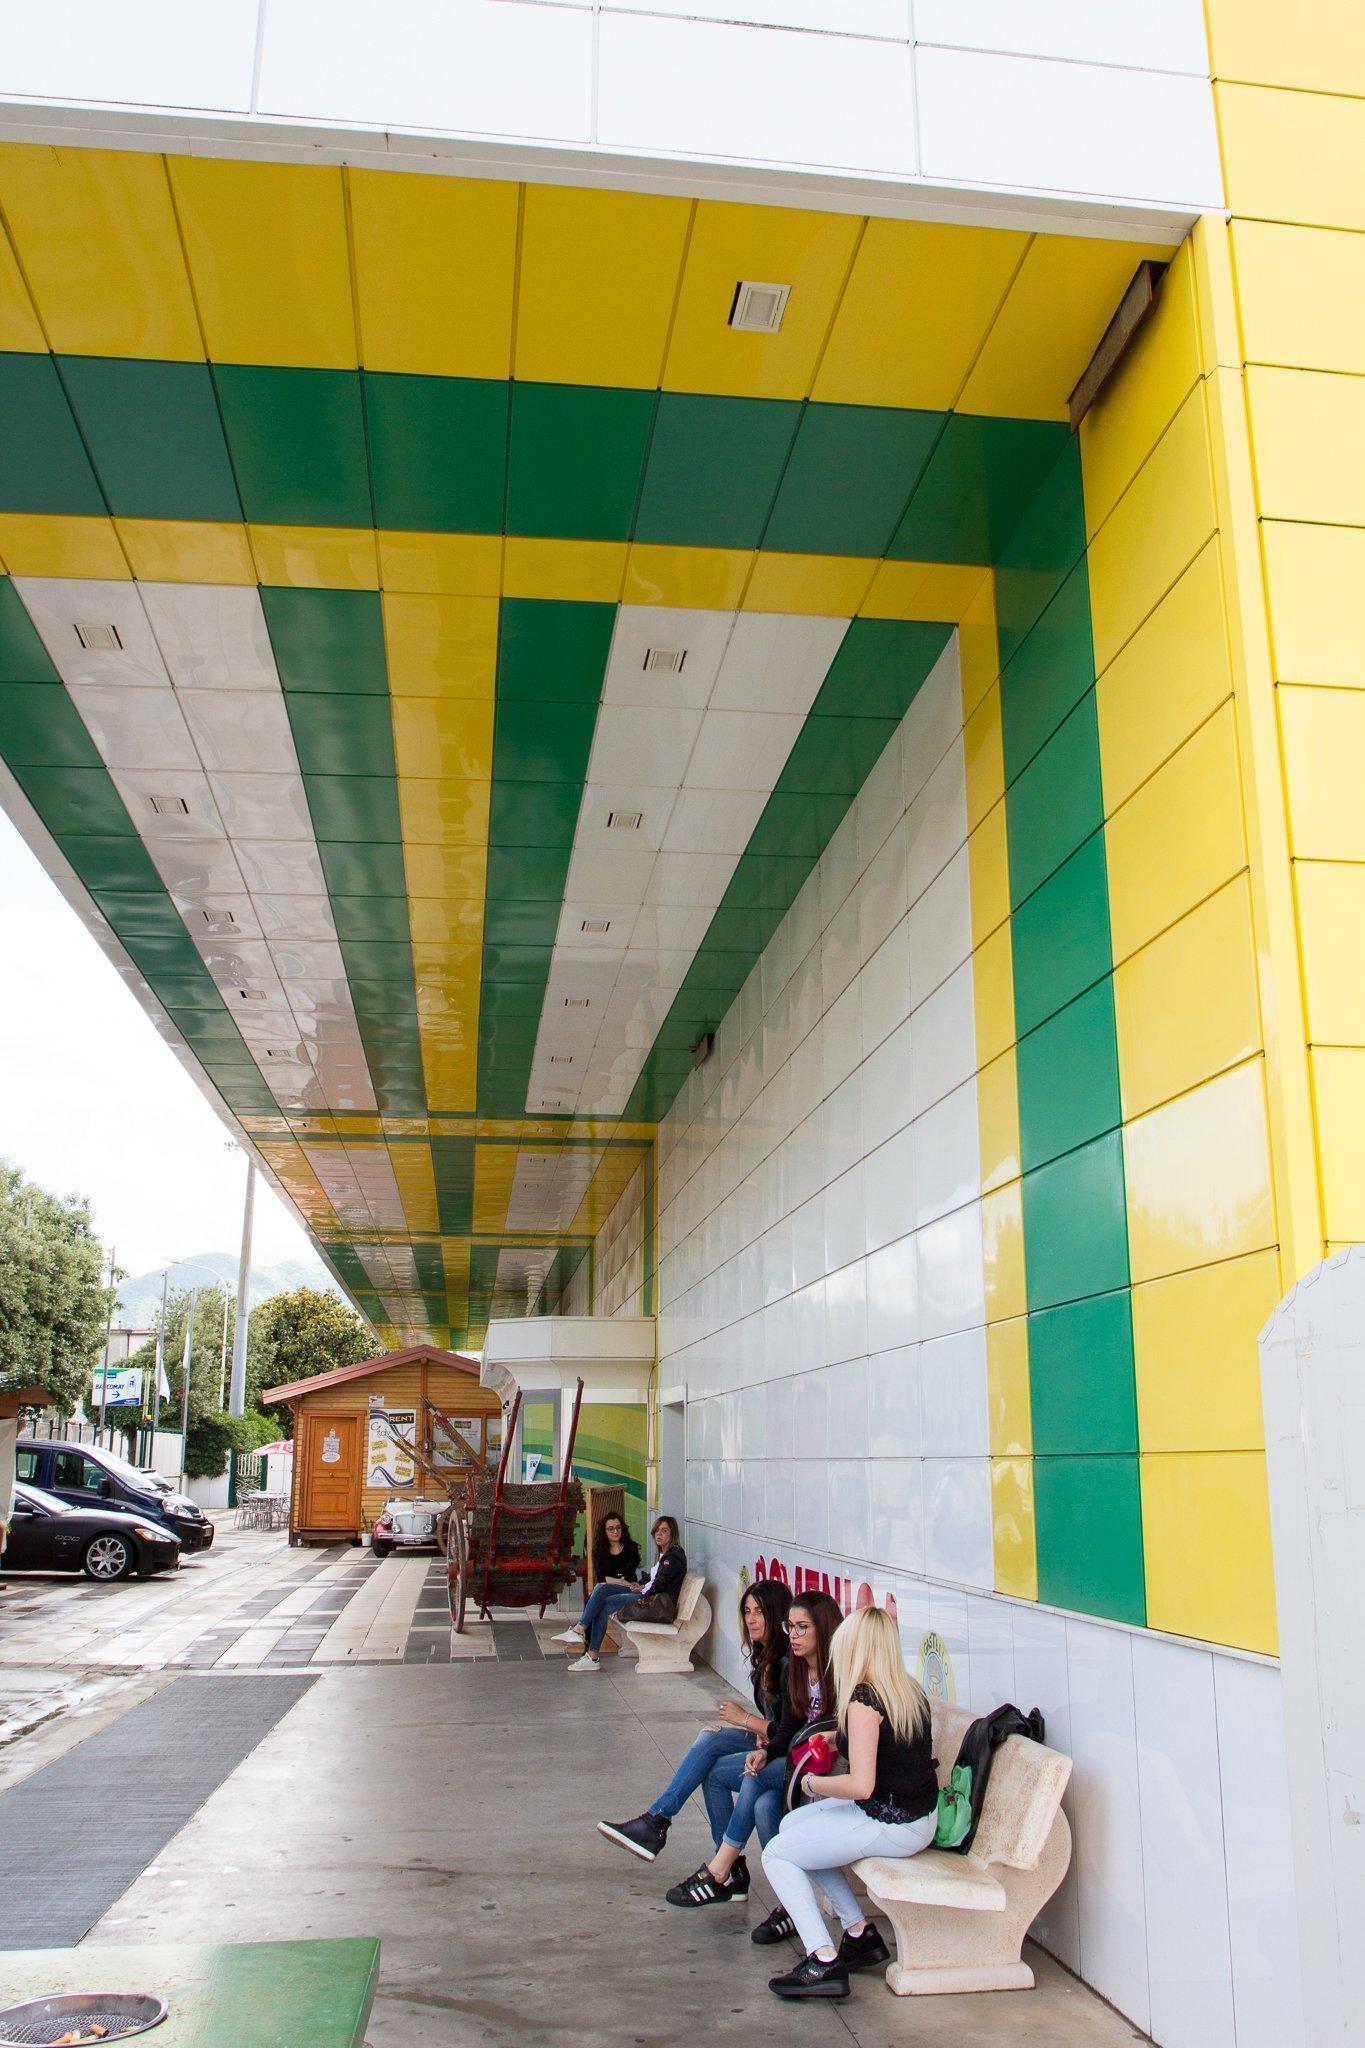 una faccaita giallo e verde